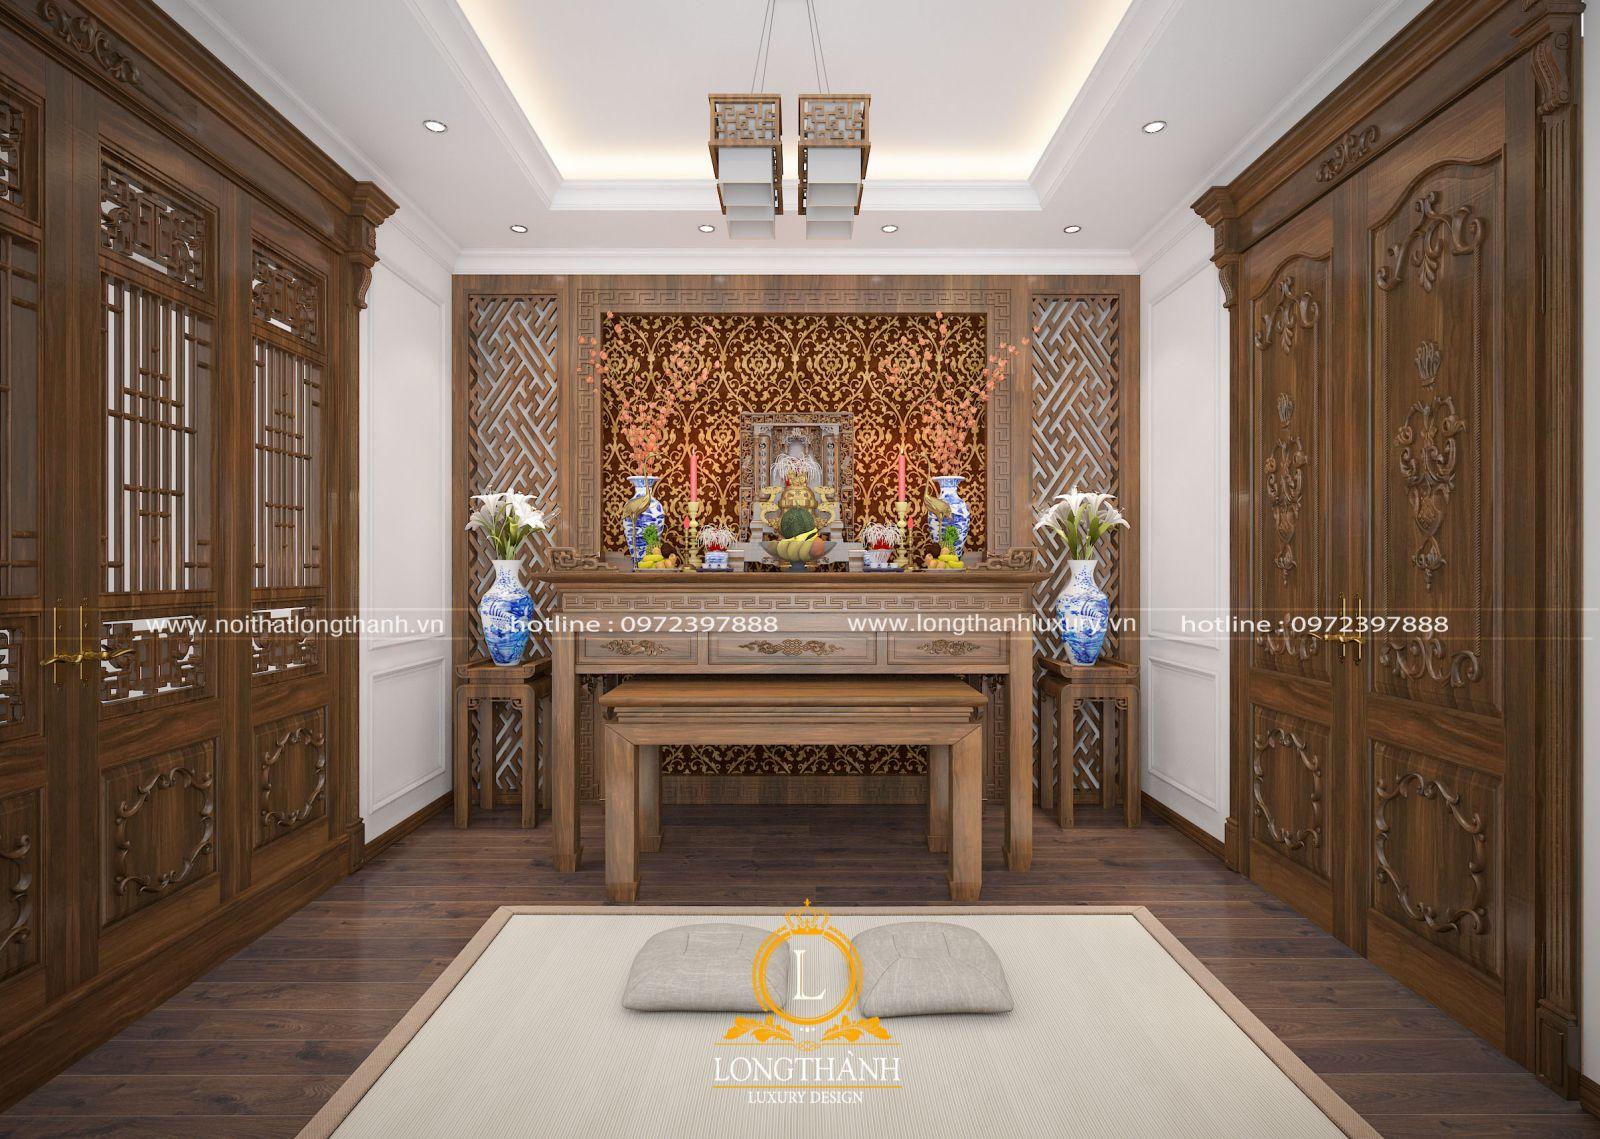 Thiết kế nội thất phòng thờ cho nhà biệt thự sang trọng hiện đại